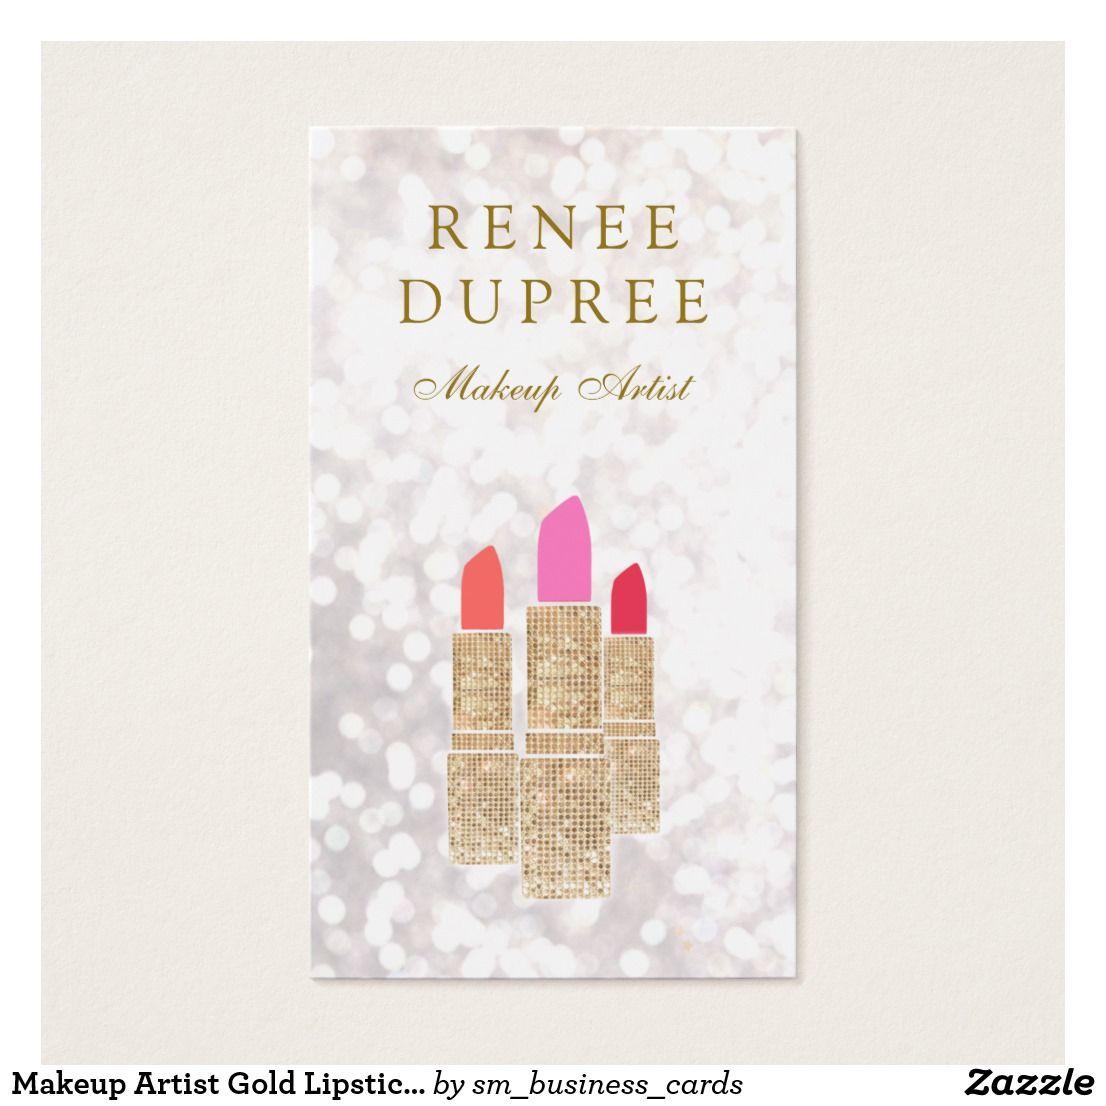 Makeup Artist Gold Lipstick Bokeh Beauty Business Card Beauty